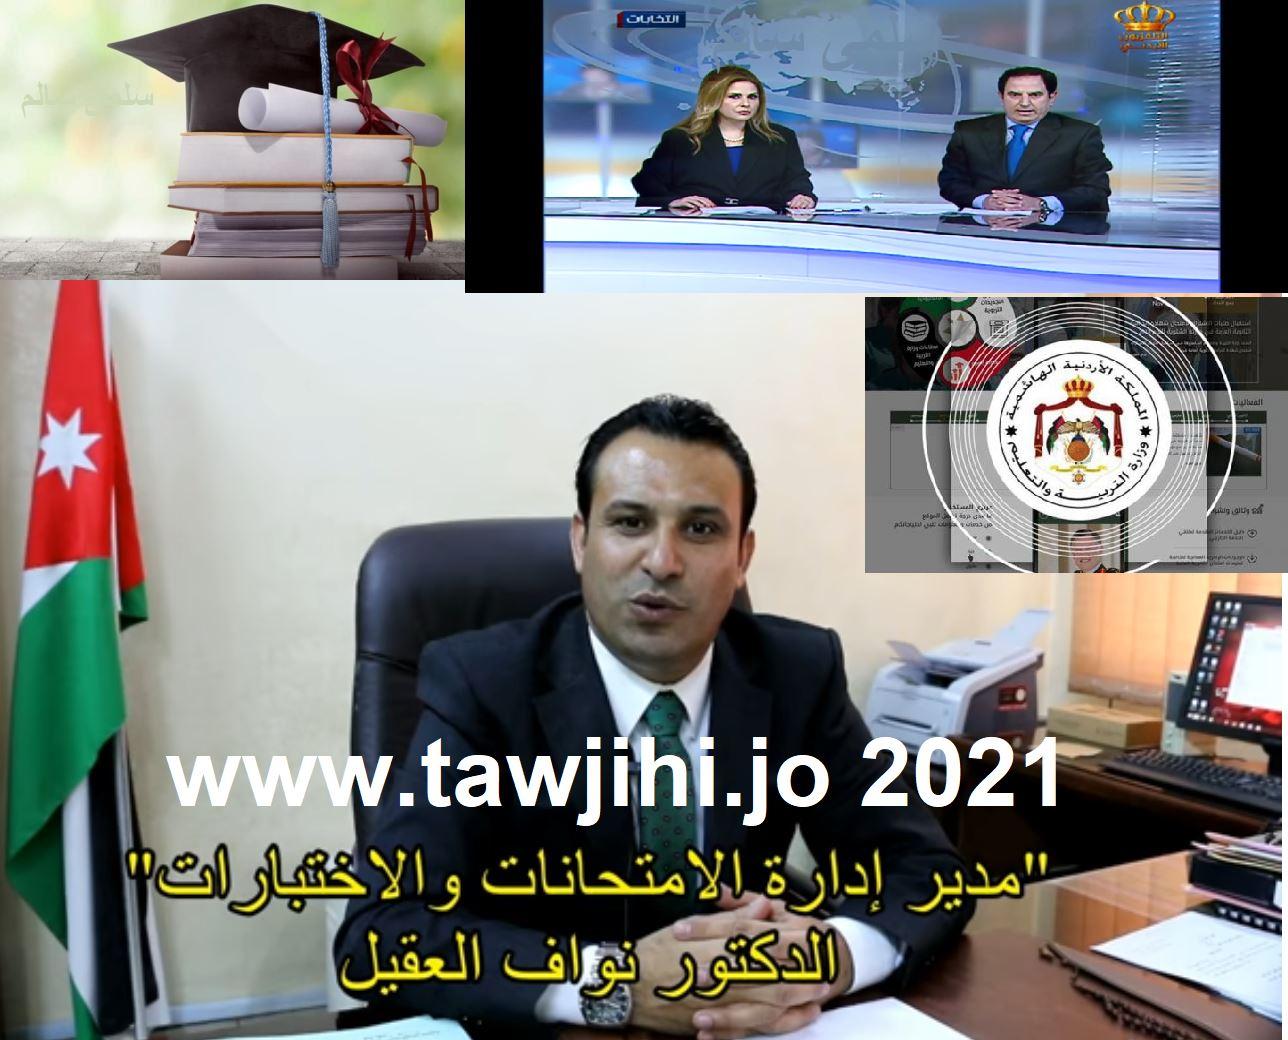 """""""فجراً"""" رابط موقع إعلان نتائج التوجيهي جو www.tawjihi.jo 2021 الثانوية العامة مؤشرات التنسيق"""